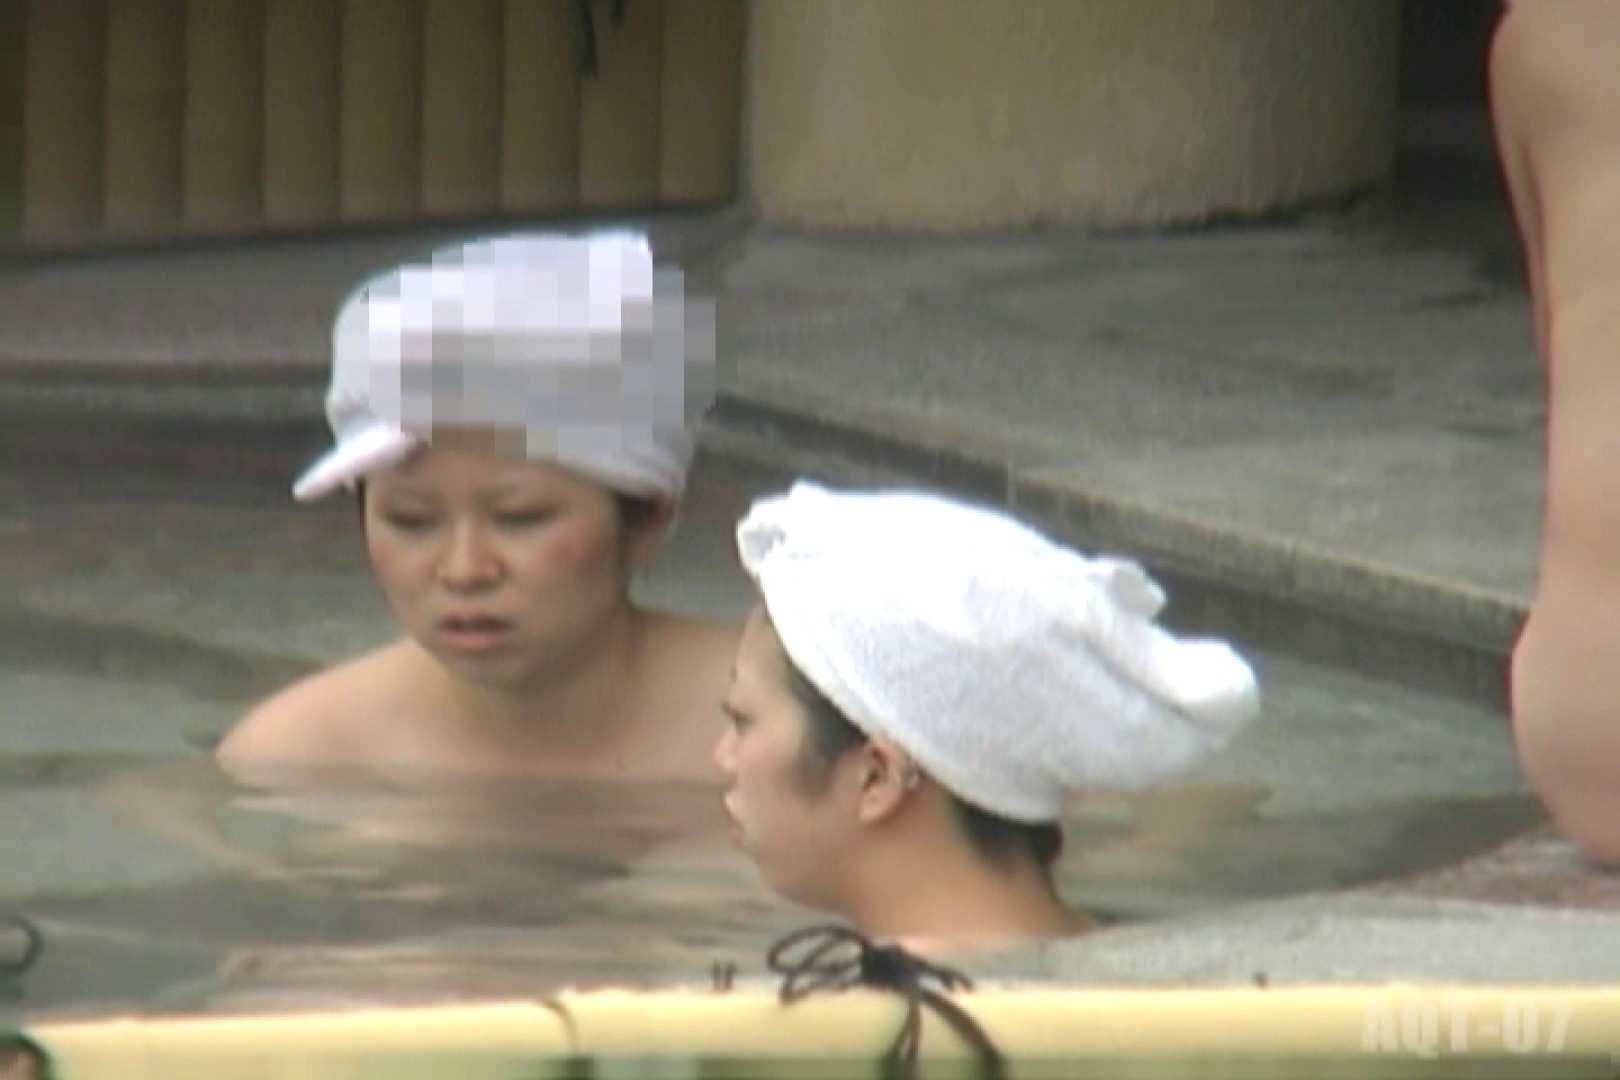 Aquaな露天風呂Vol.767 綺麗なOLたち | 盗撮  66枚 43